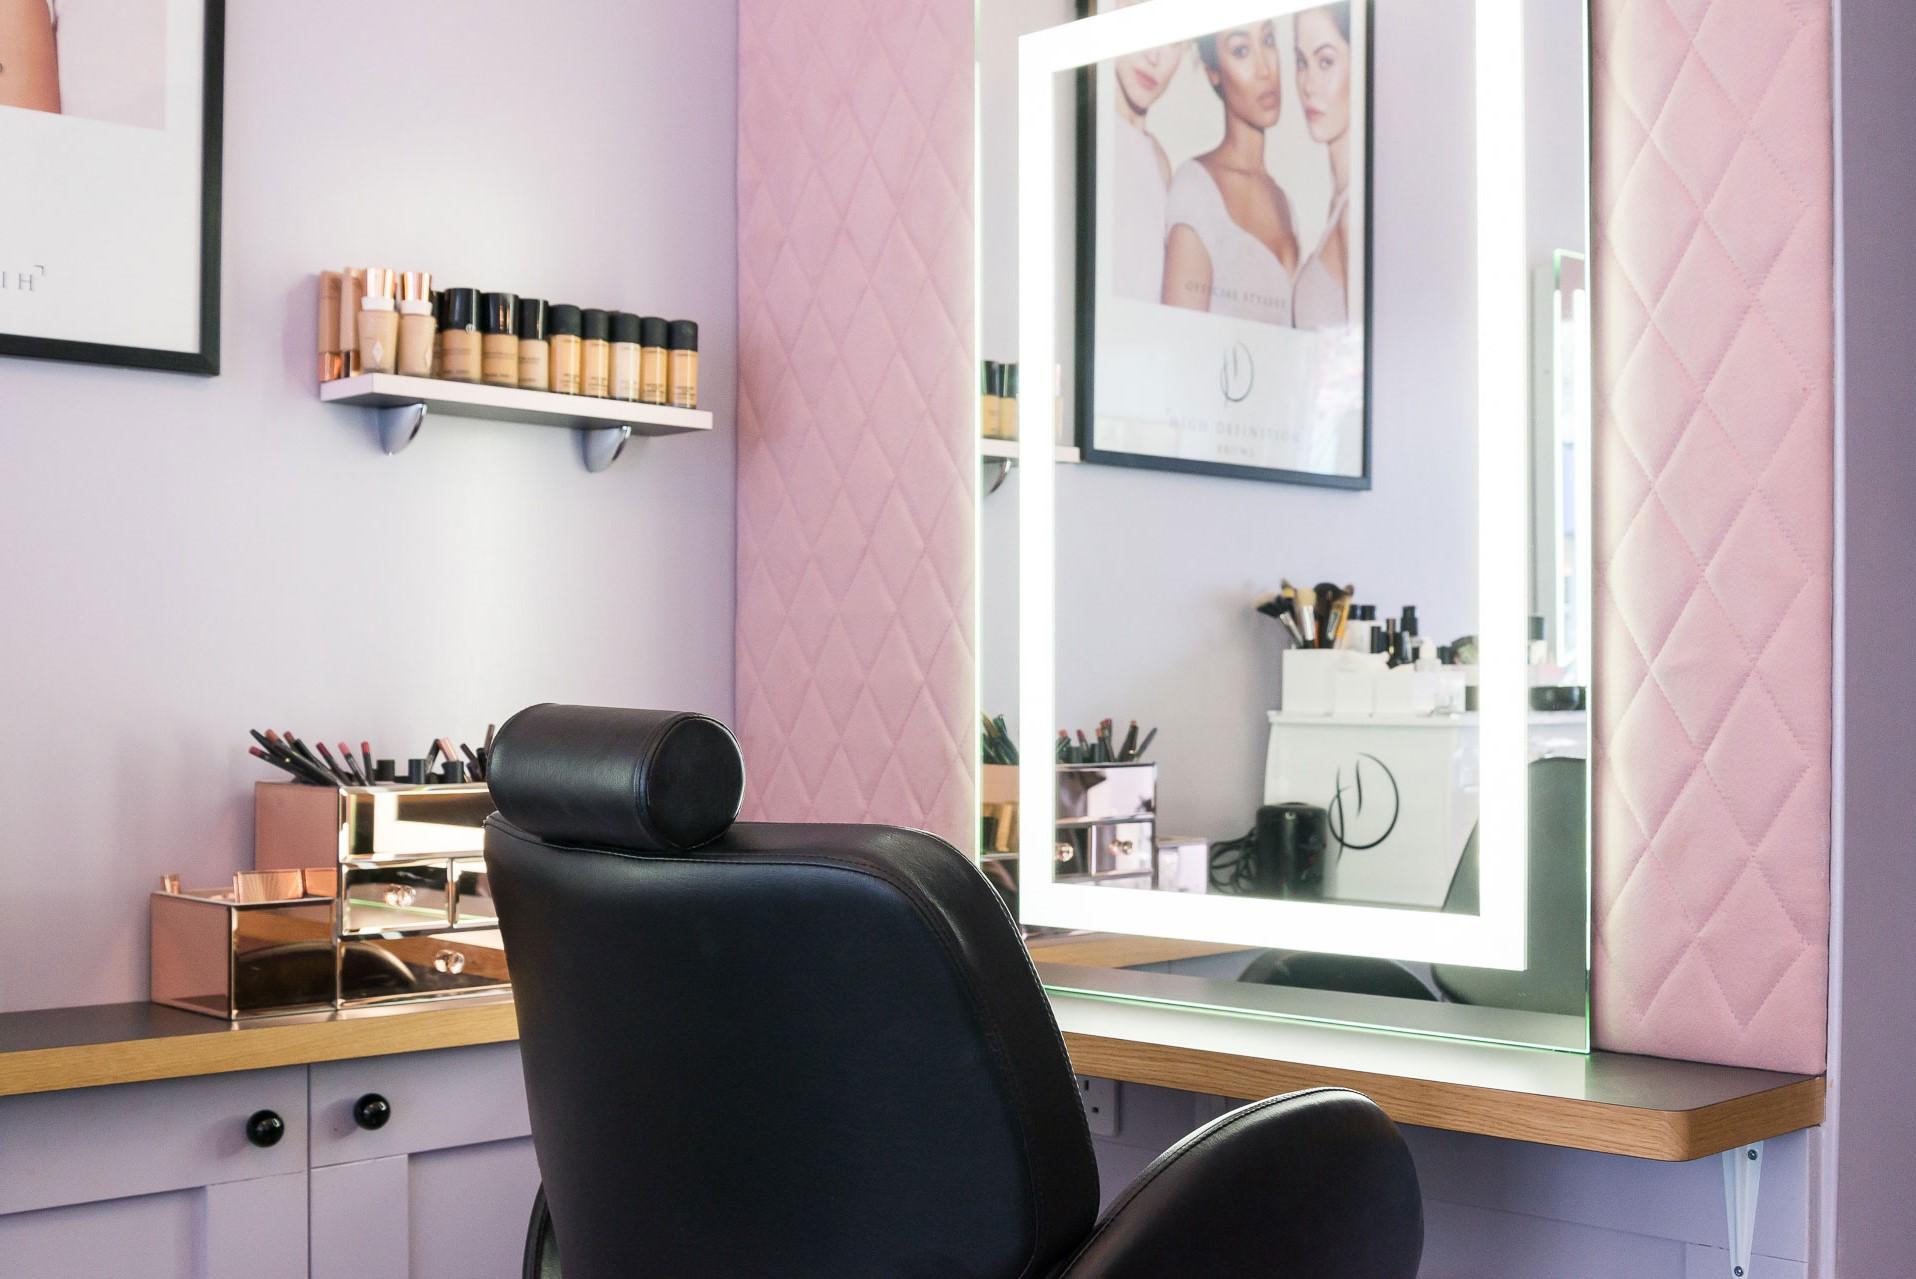 Lors du choix de la lumière pour votre salon, gardez à l'esprit que l'objectif principal est que votre client ait fière allure.